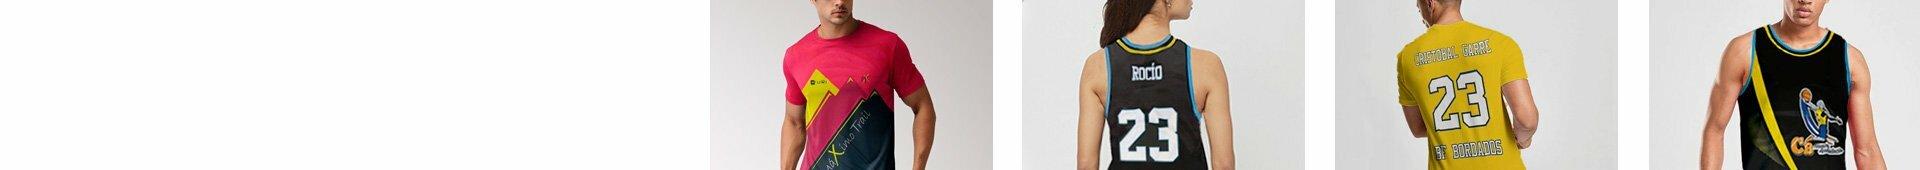 sublimación textil al por mayor - sublimación de ropa